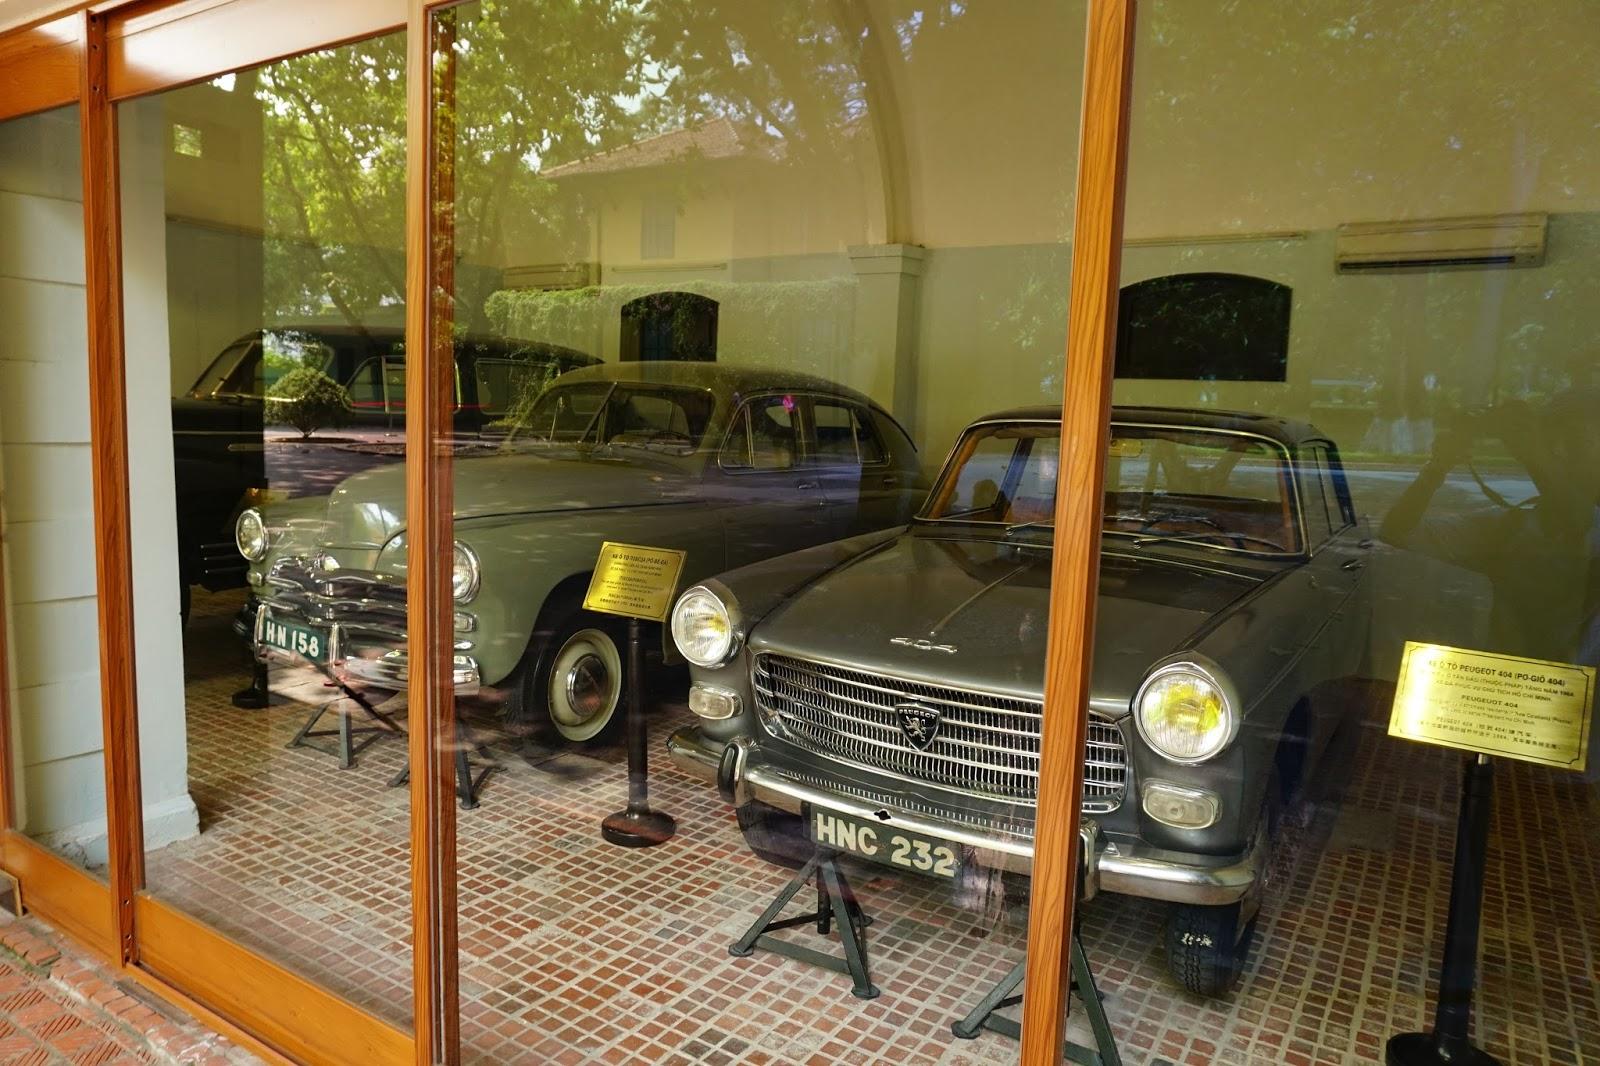 Ba chiếc xe được bảo quản rất tốt và vẫn còn như mới